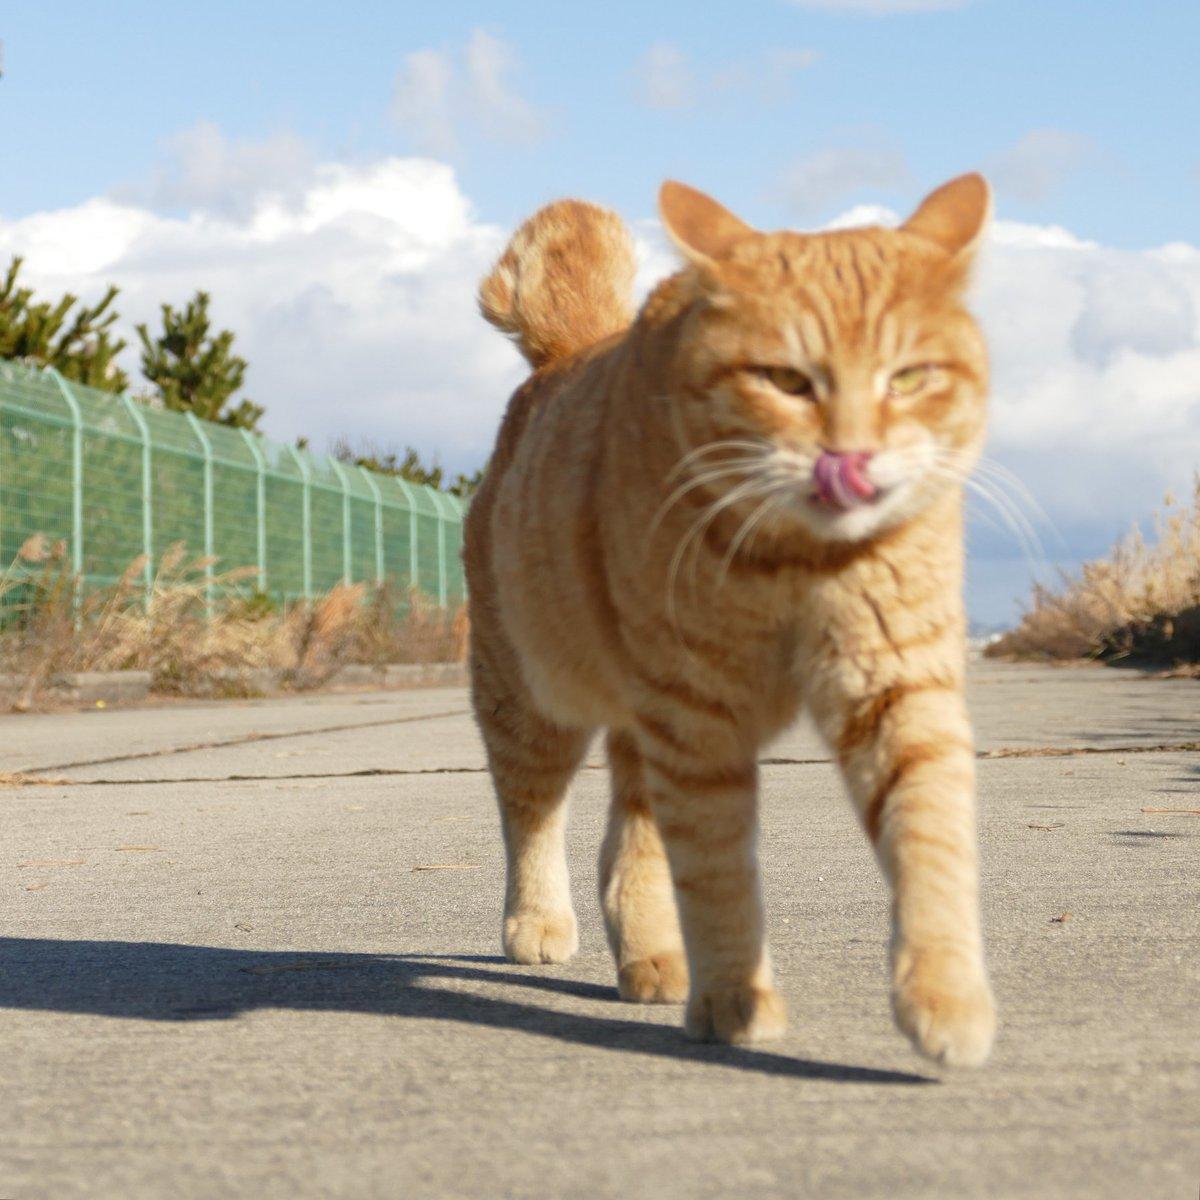 の 気持ち 野良猫 猫の気持ちいいところは?触ると喜ぶ6つの部分